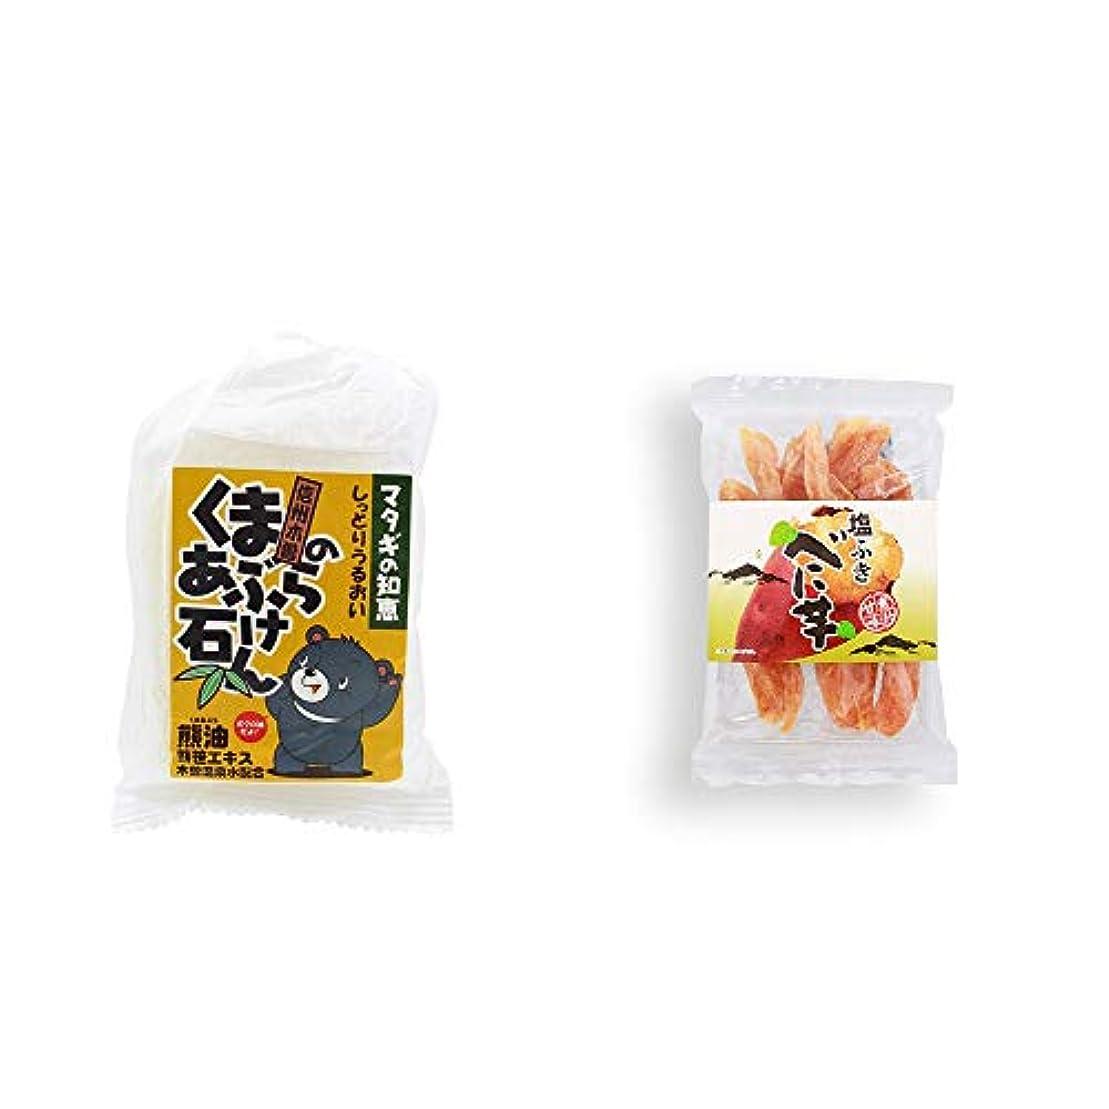 既婚カラスレジ[2点セット] 信州木曽 くまのあぶら石けん(80g)?塩ふき べに芋(250g)